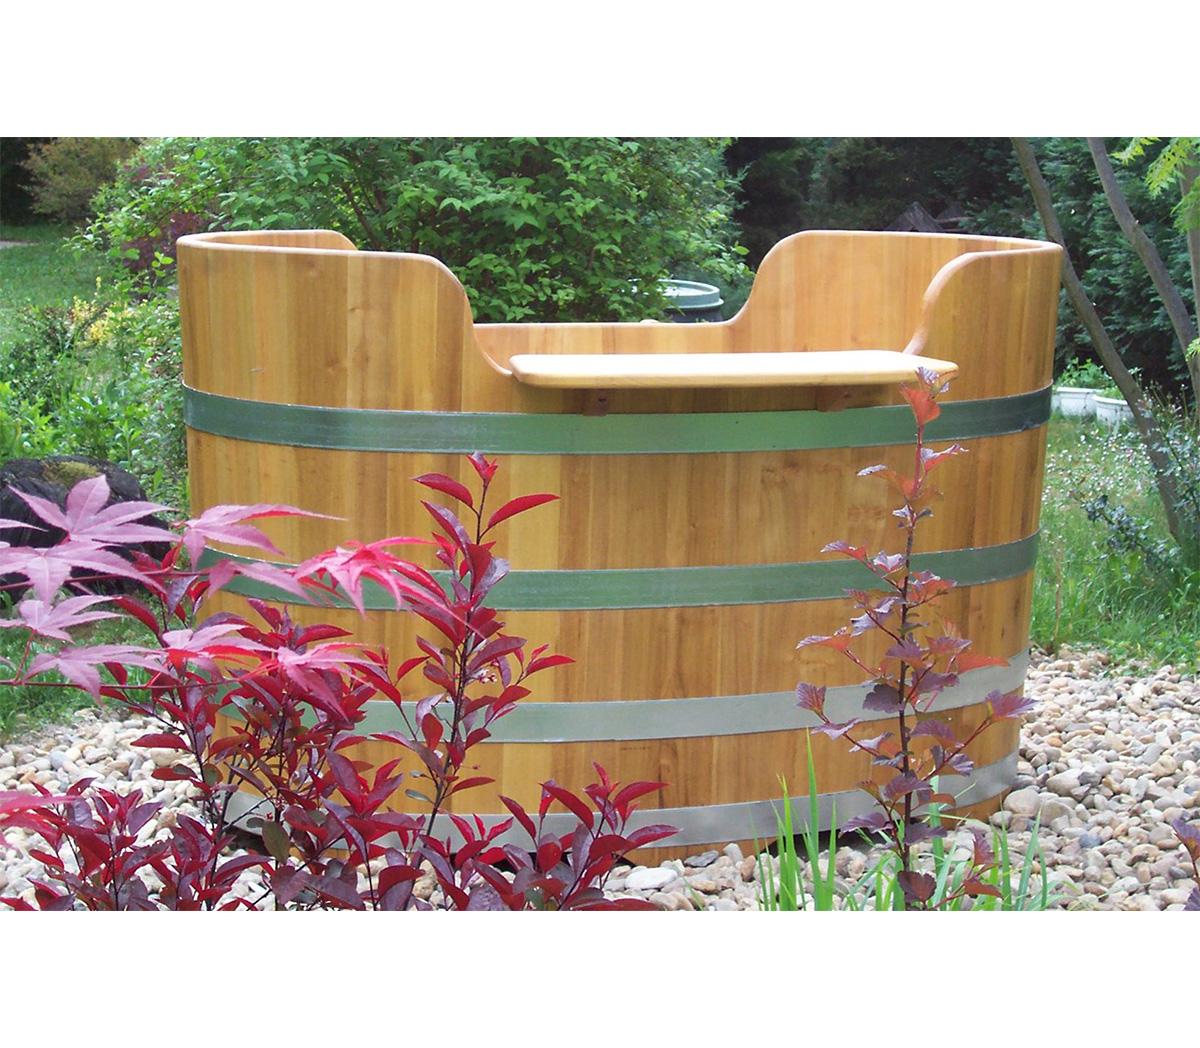 holzbadewanne aus akazienholz i badezuber i badetonne i badebottich robinie f r badezimmer. Black Bedroom Furniture Sets. Home Design Ideas